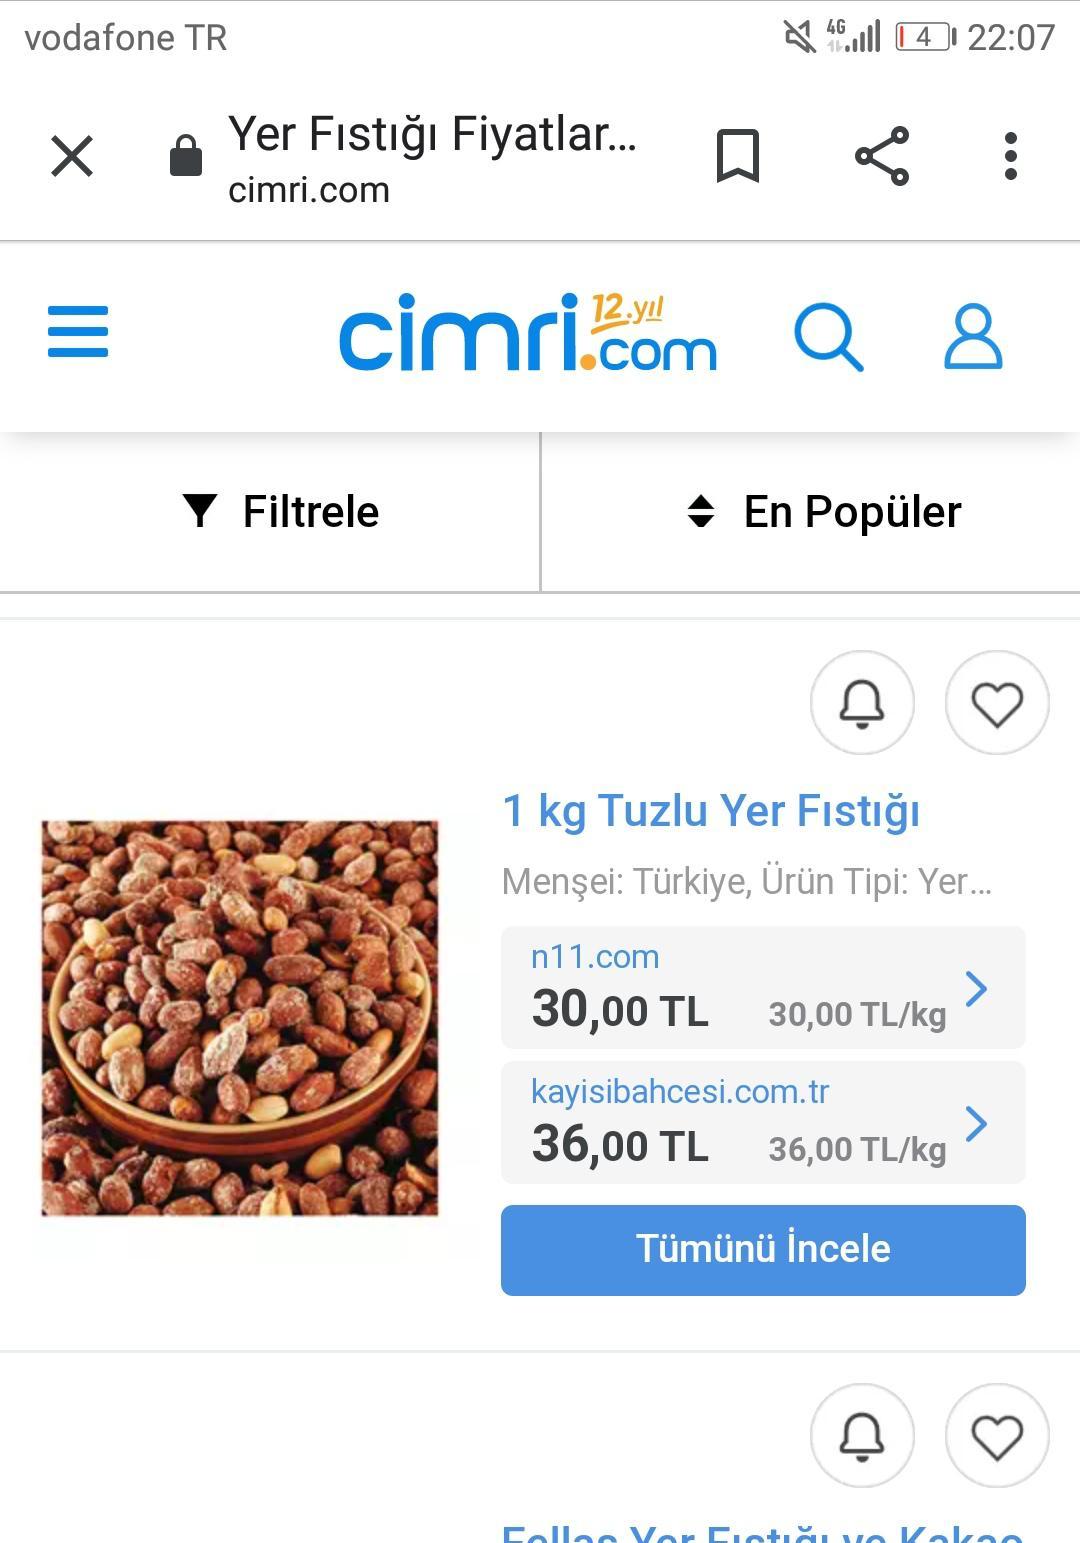 Osmaniye - Kadirli 2021 yılı Yer fıstığı fiyatları - 10448